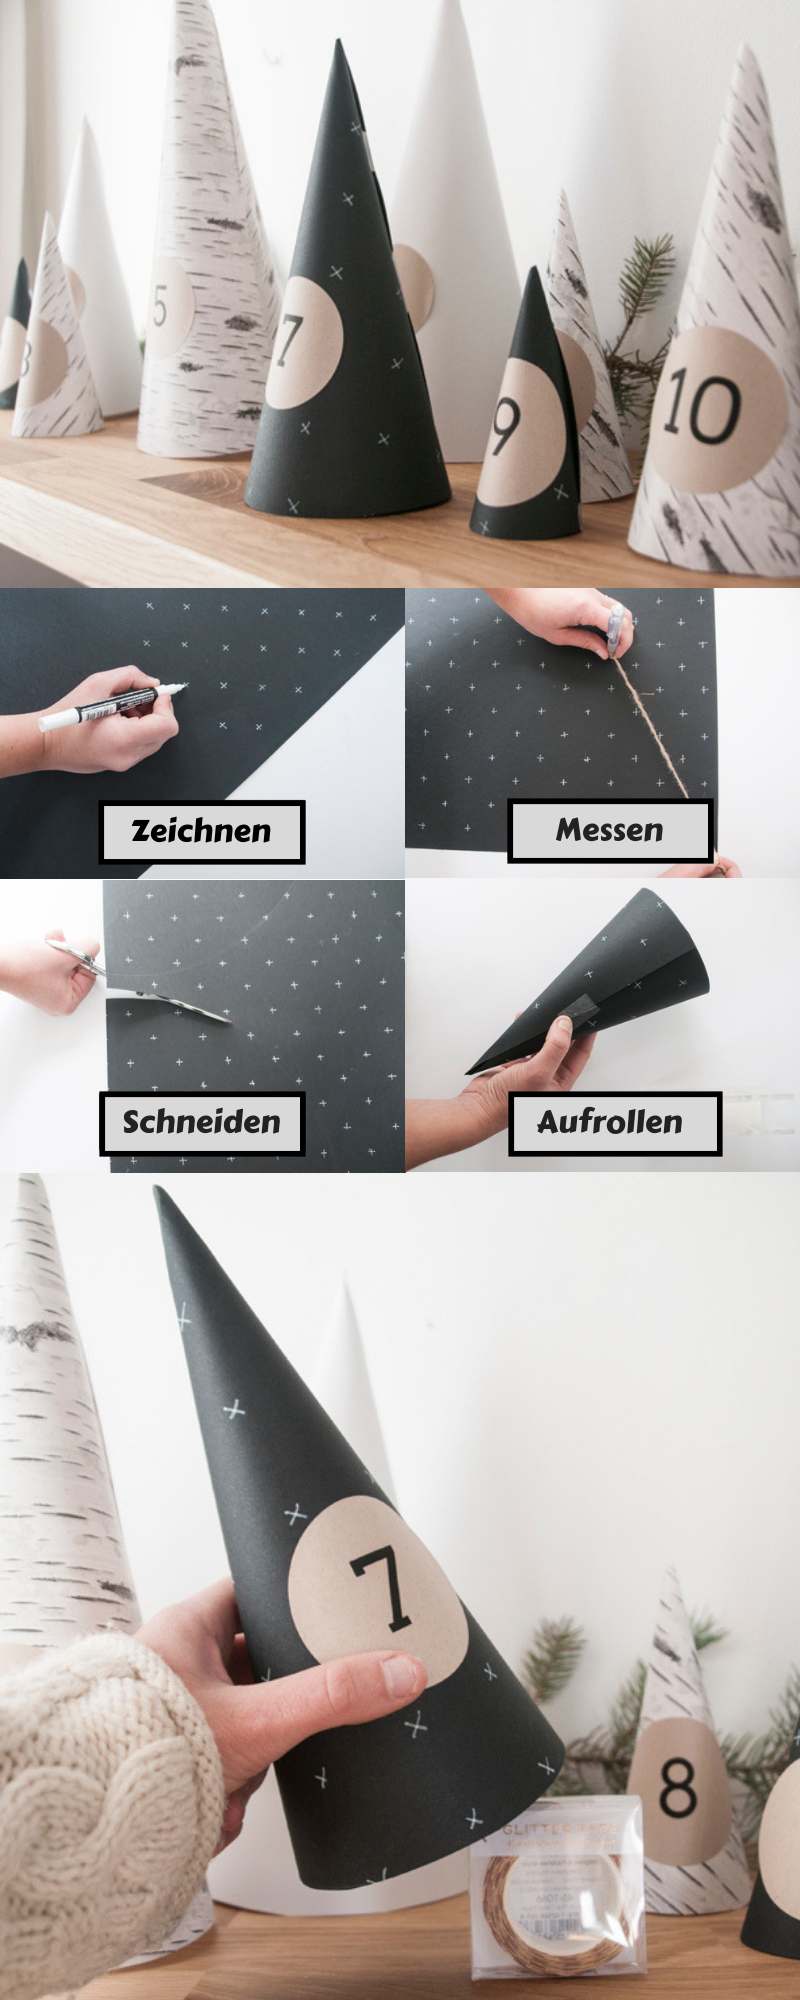 DIY Idee für Adventskalender basteln einfach und schnell